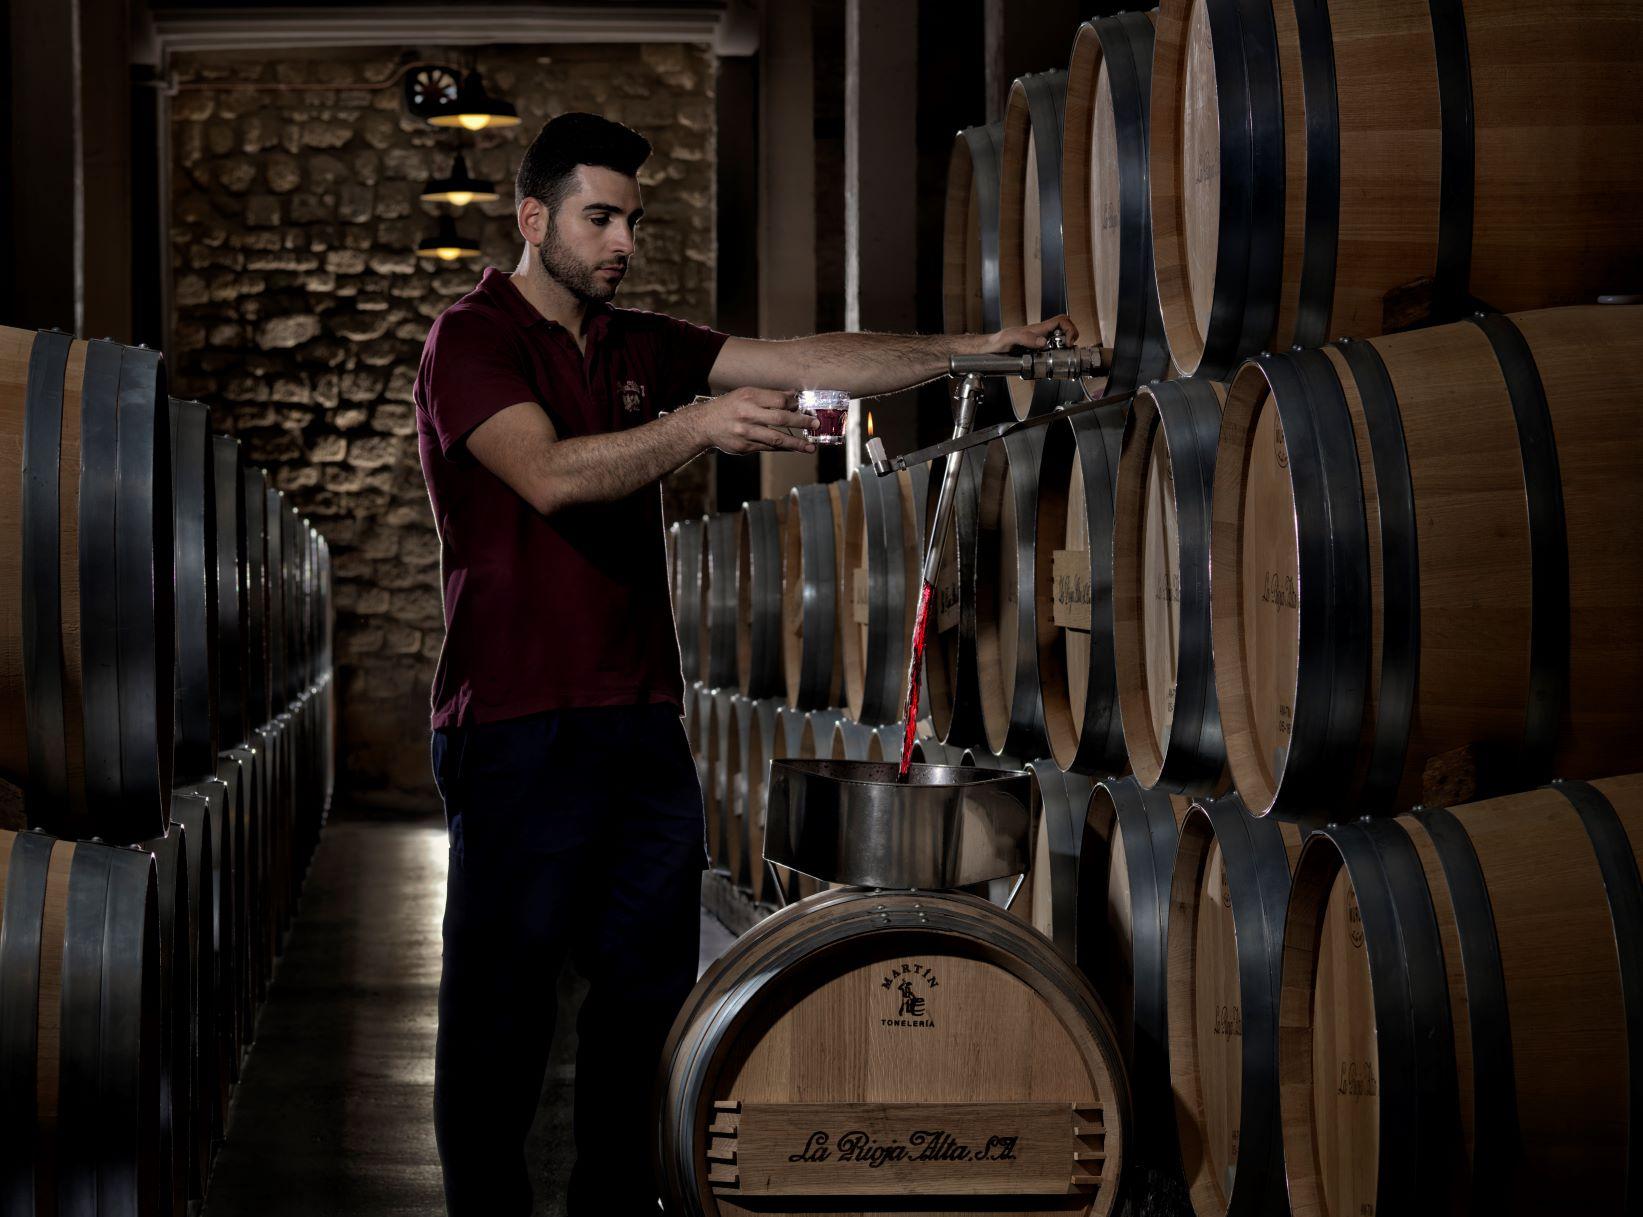 La Rioja Alta S.A